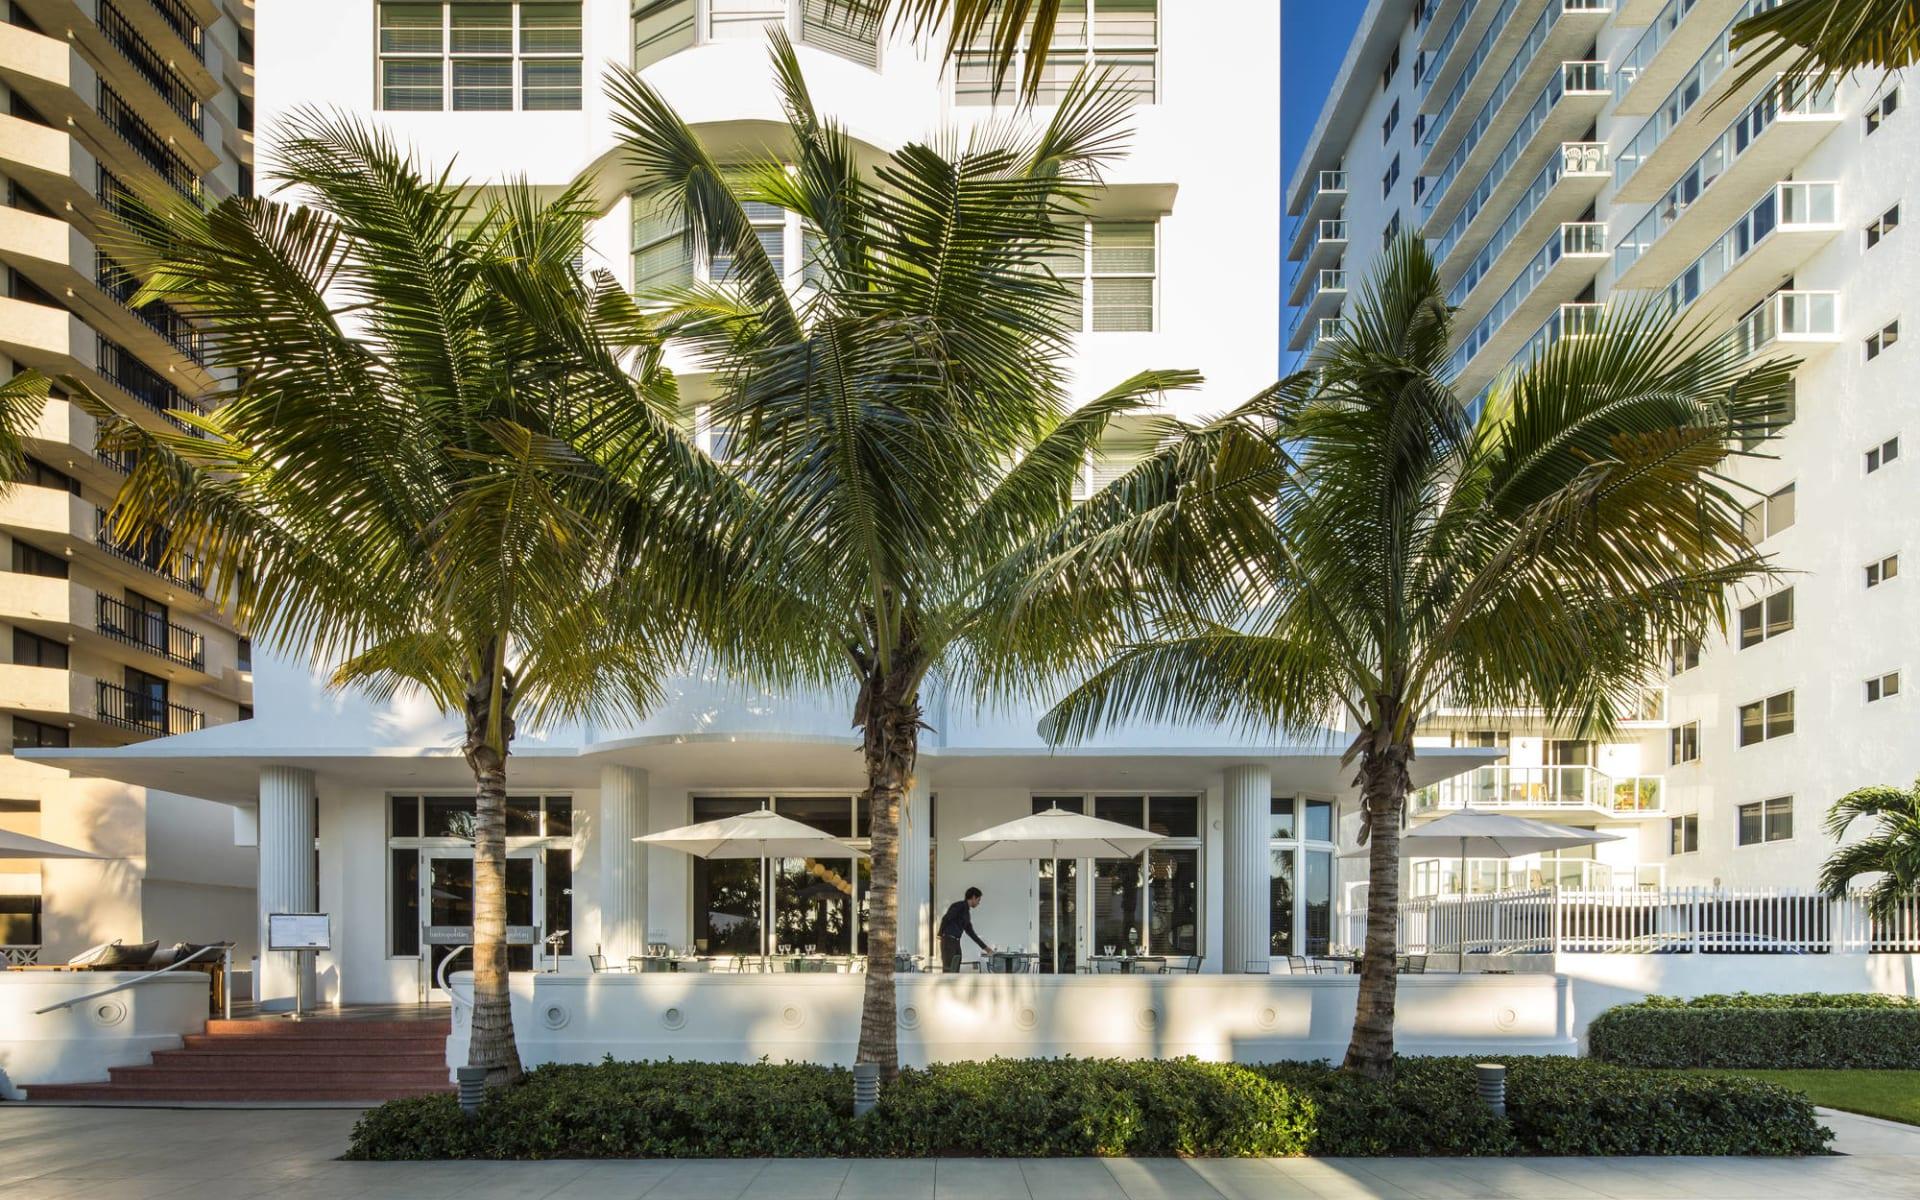 Metropolitan by COMO Miami Beach:  Metropolitan by Como - Traymore Restaurant Terrace